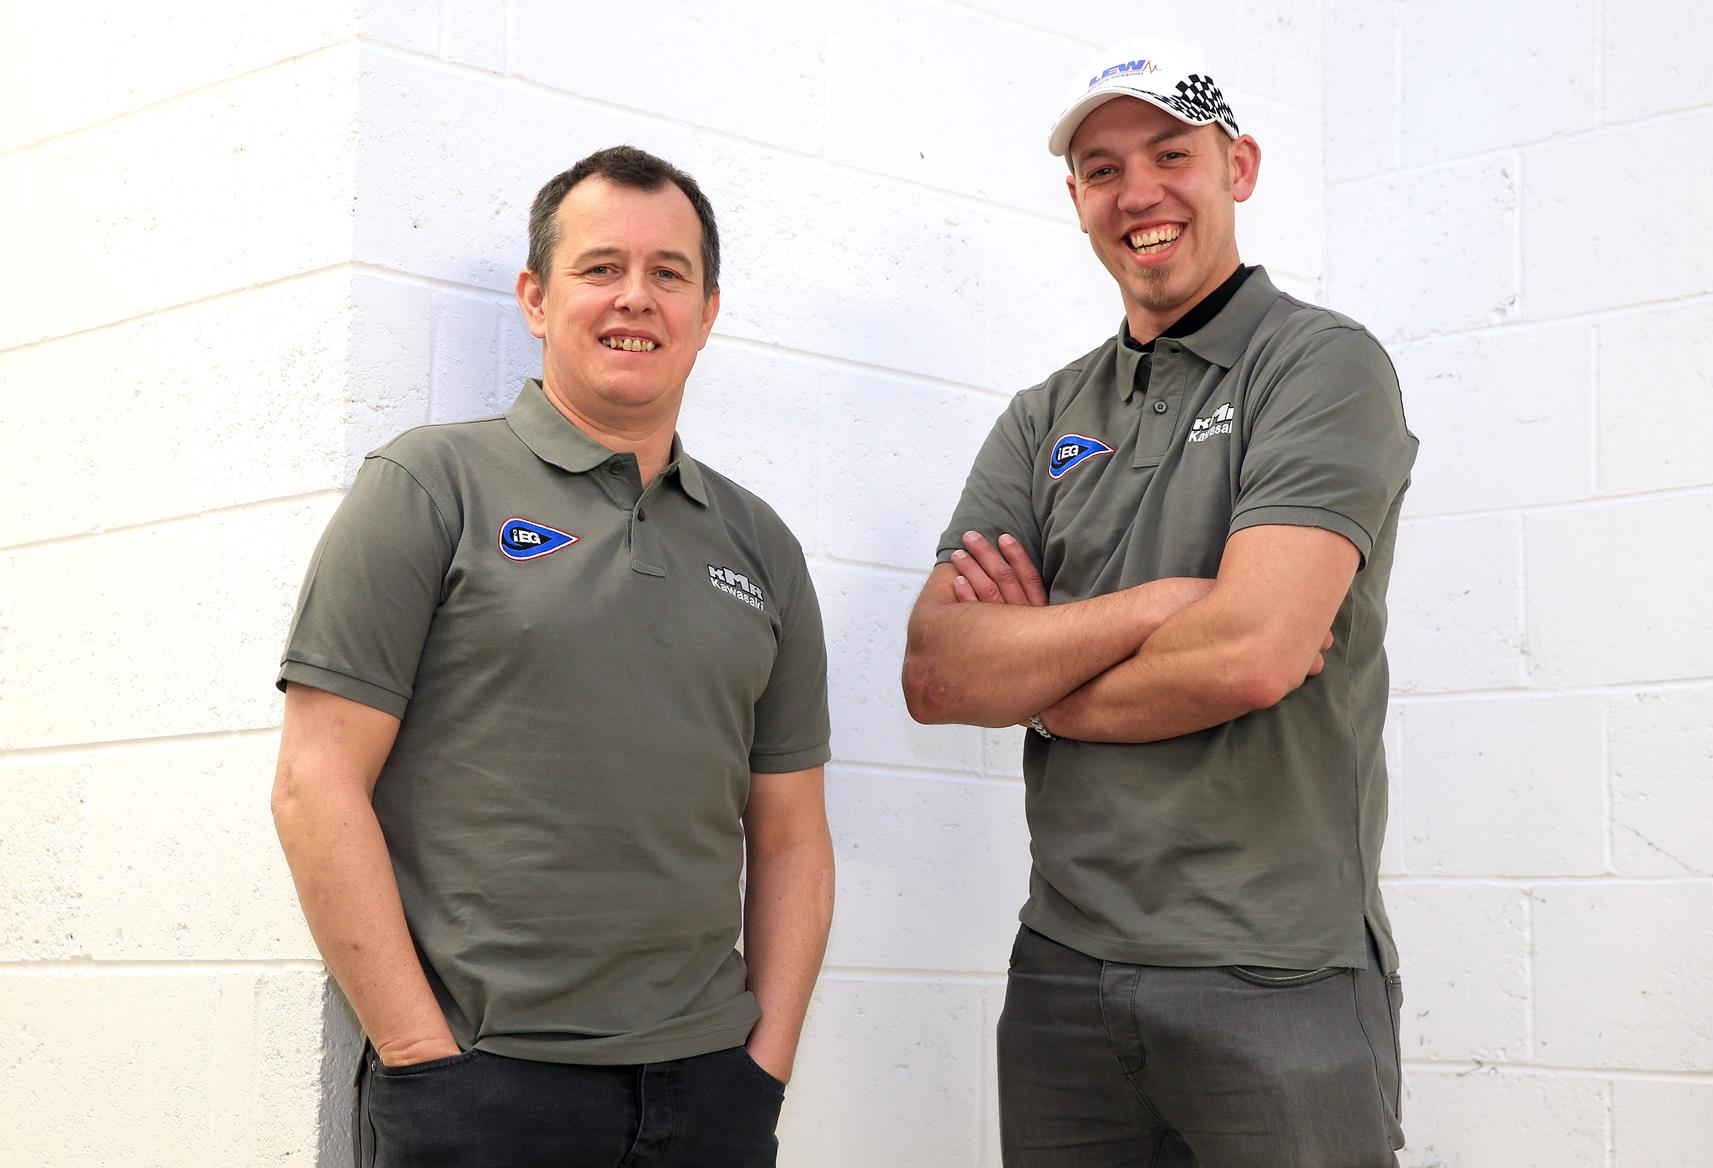 John McGuinness joins Farquhar's KMR team for Lightweight TT